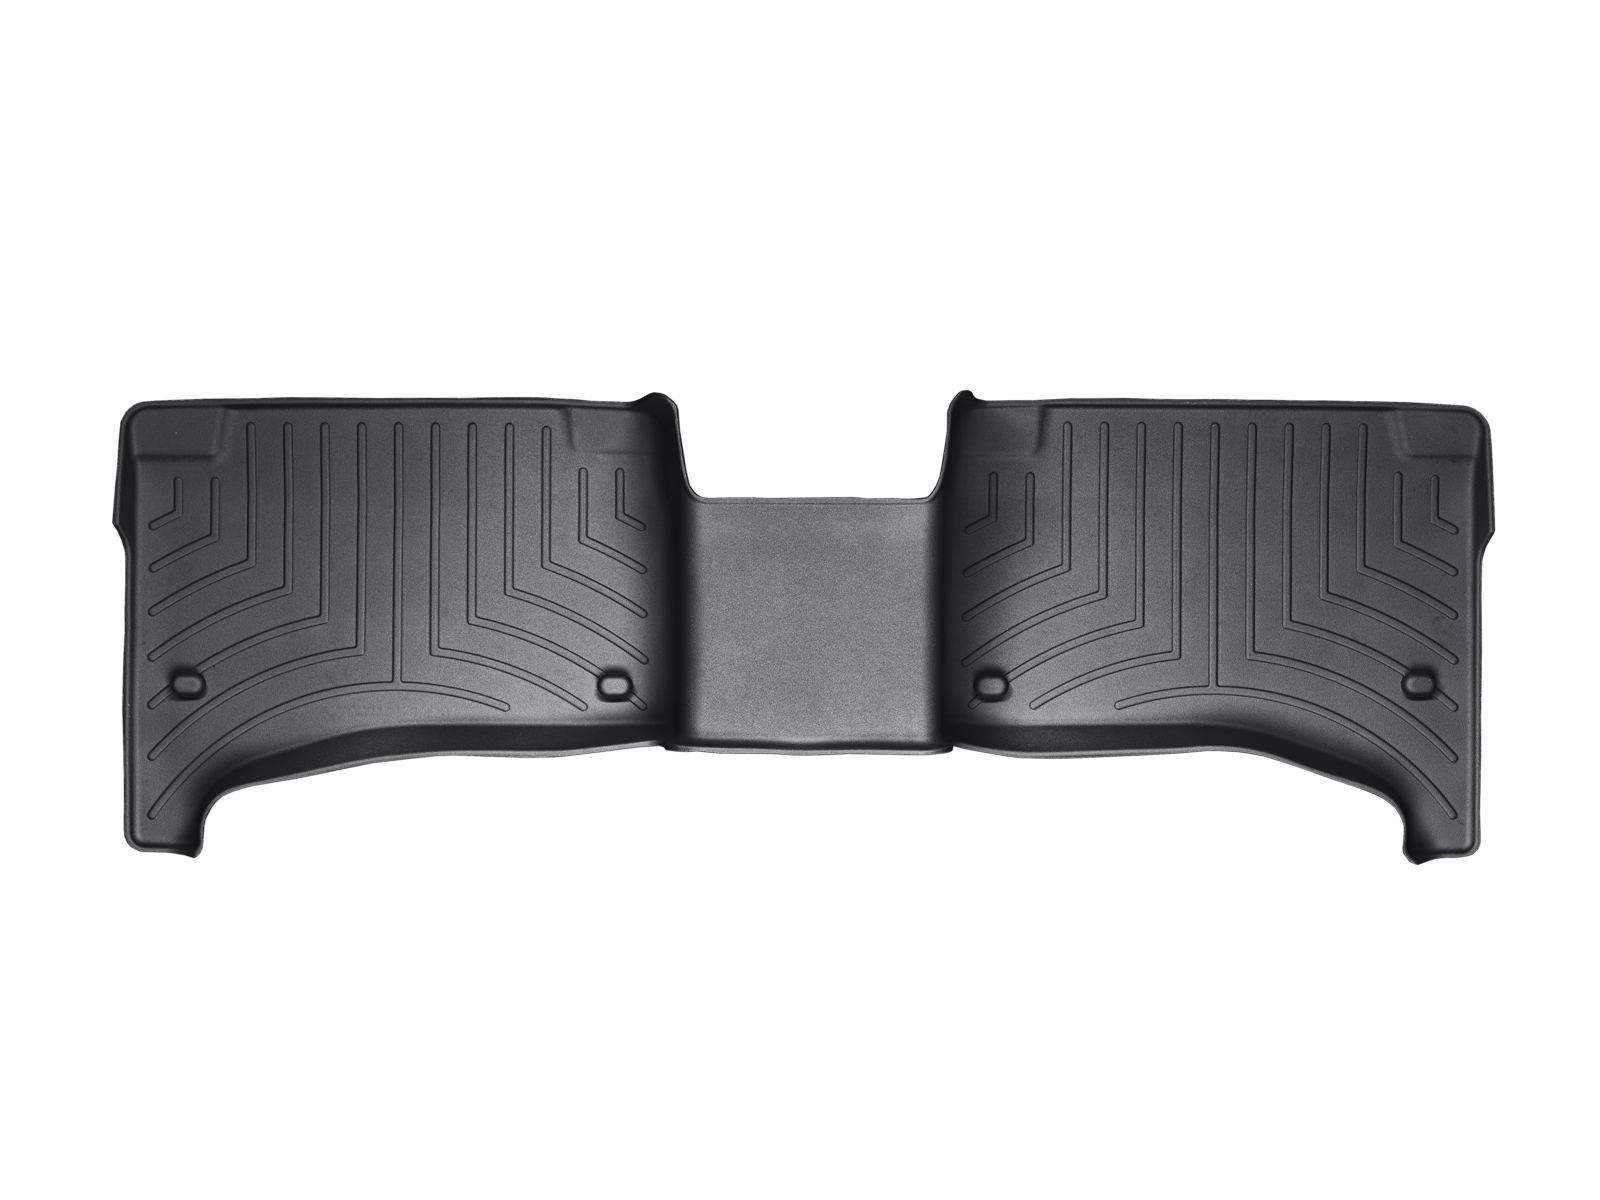 Tappeti gomma su misura bordo alto Volkswagen Touareg 07>08 Nero A4300*